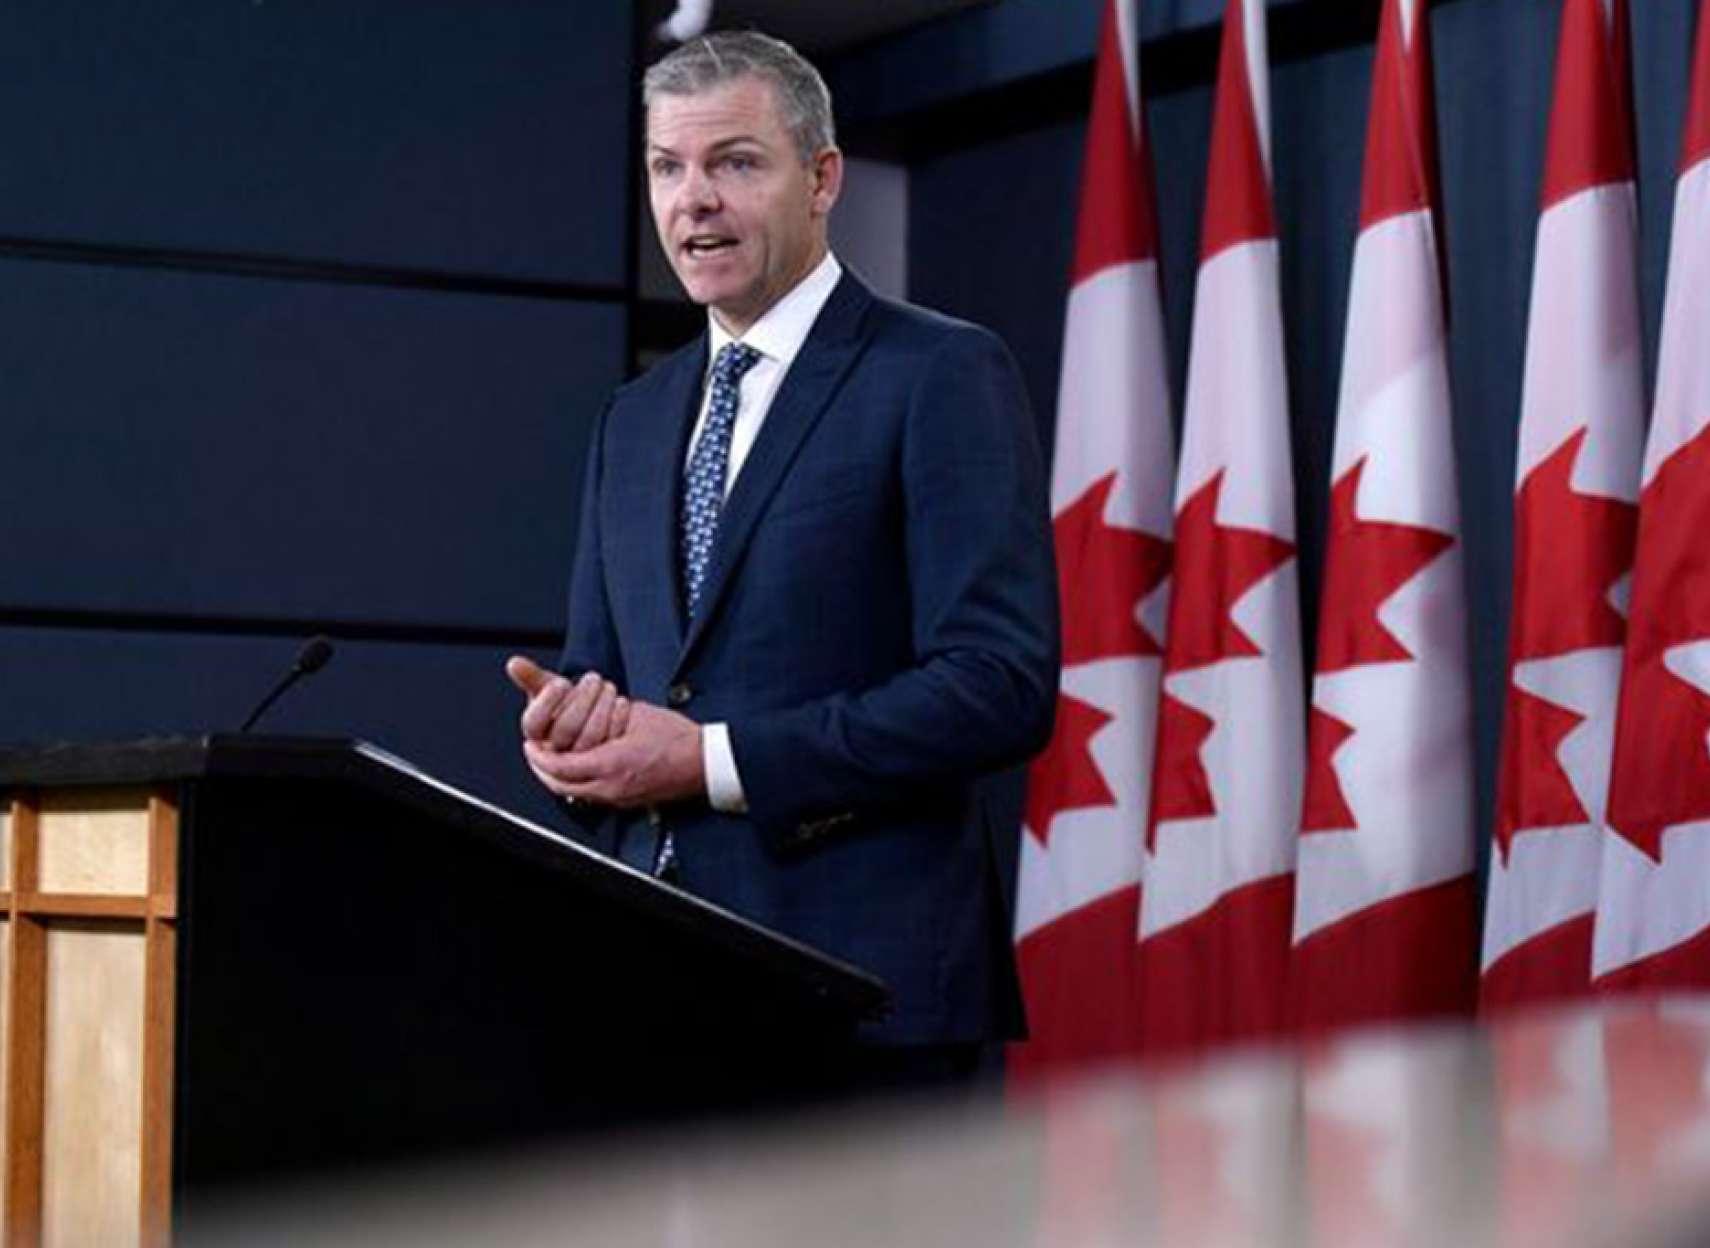 لیست-نمایندگان-مورد-حمایت-شرکتهای-نفتی-کانادا-اخبار